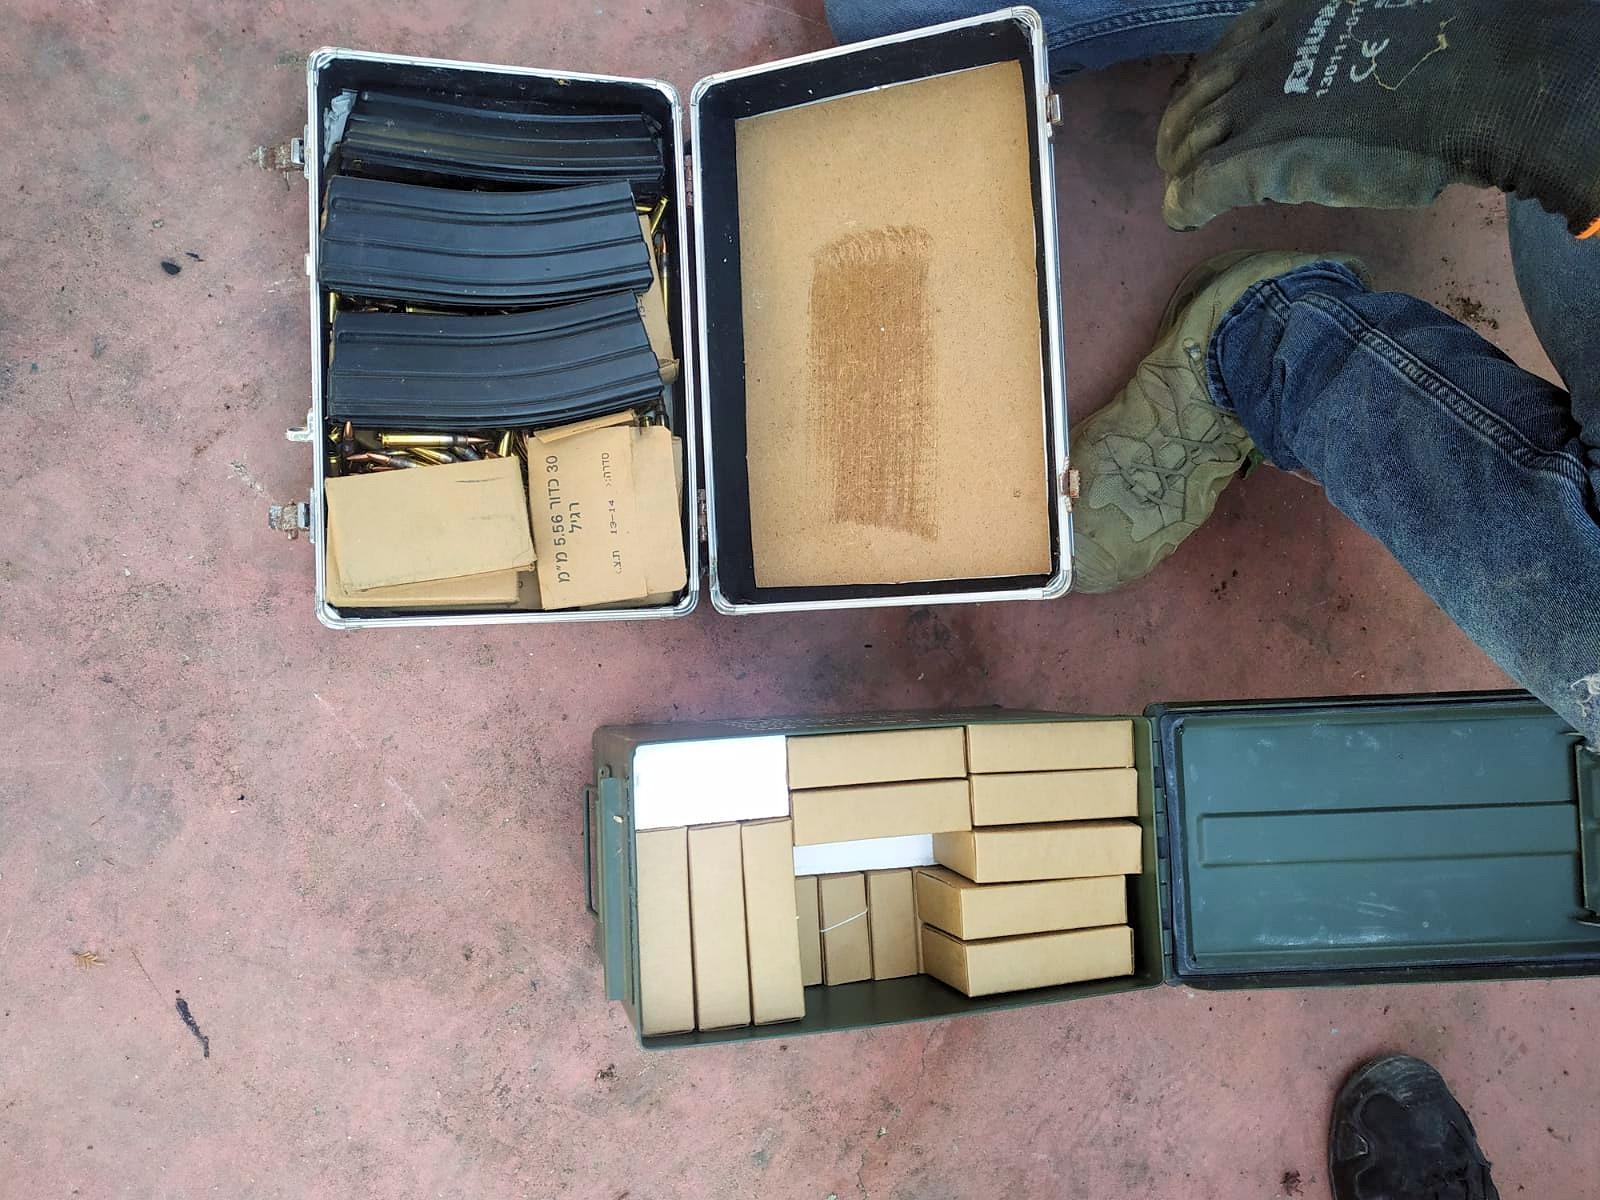 الشرطة: ضبط قنبلة هلع، سموم ووسائل قتالية في حي س.ح بمدينة اللد